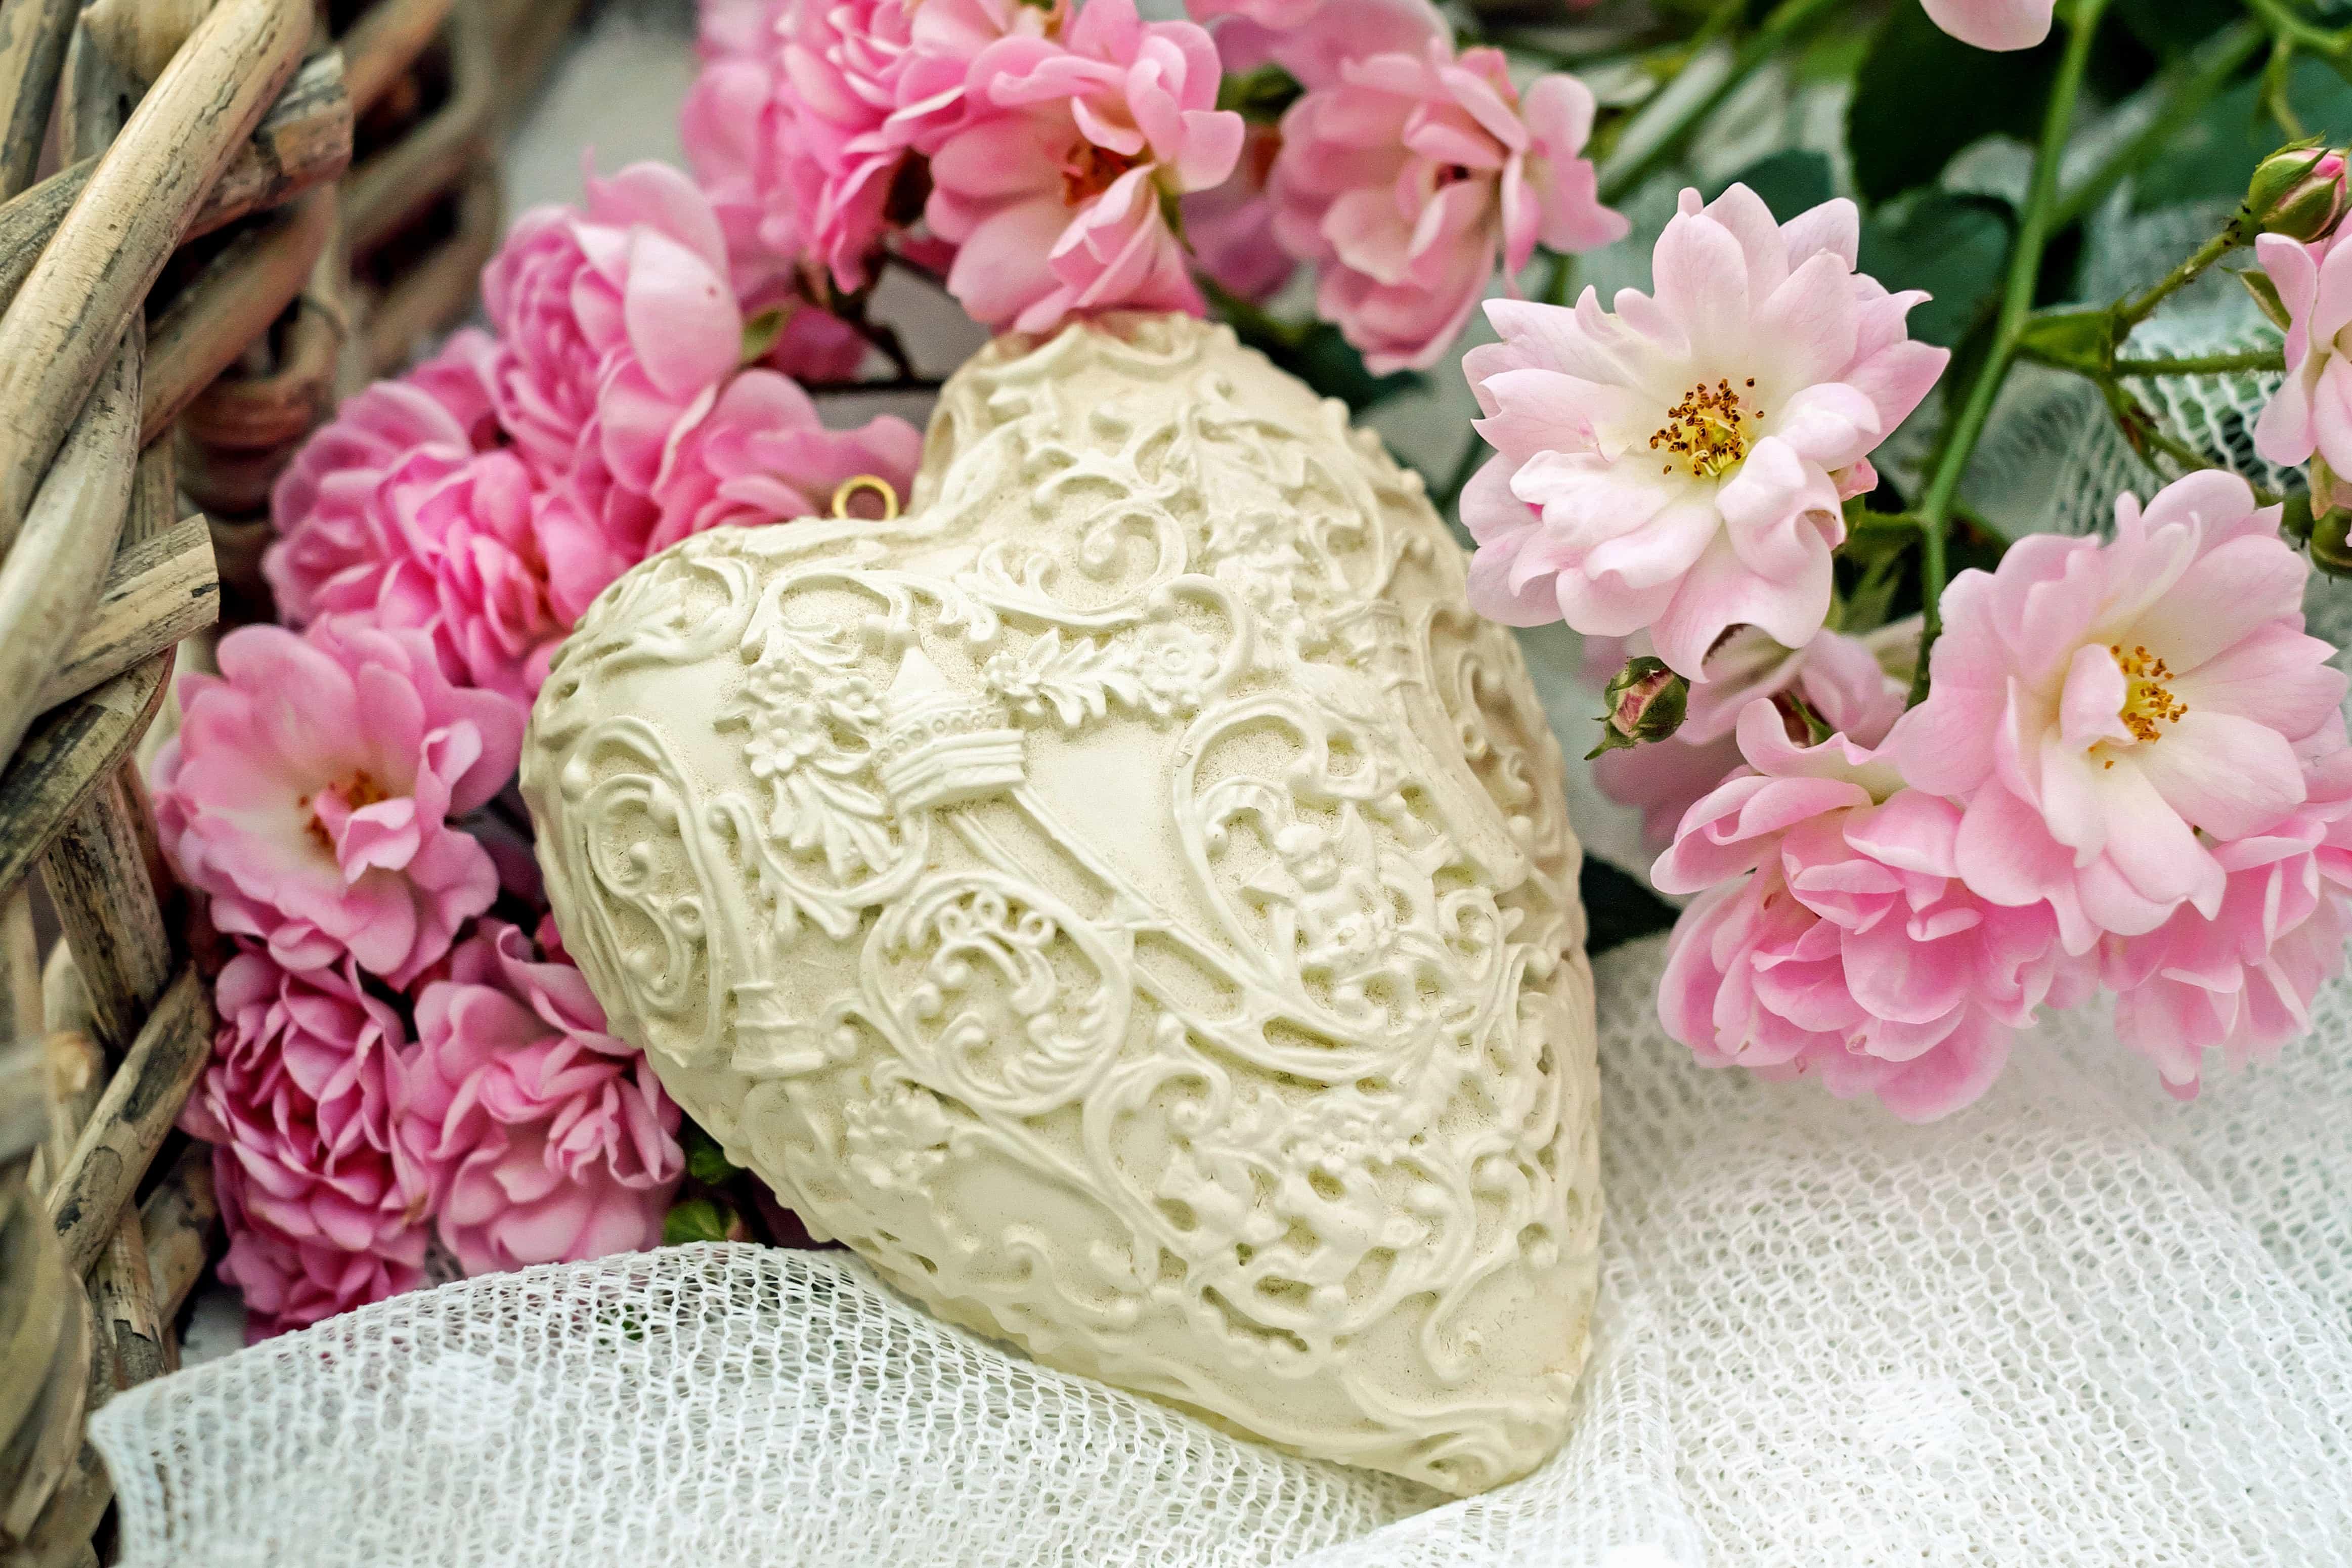 Image Libre Rose Amour Romance Flore Fleur Rose Arrangement